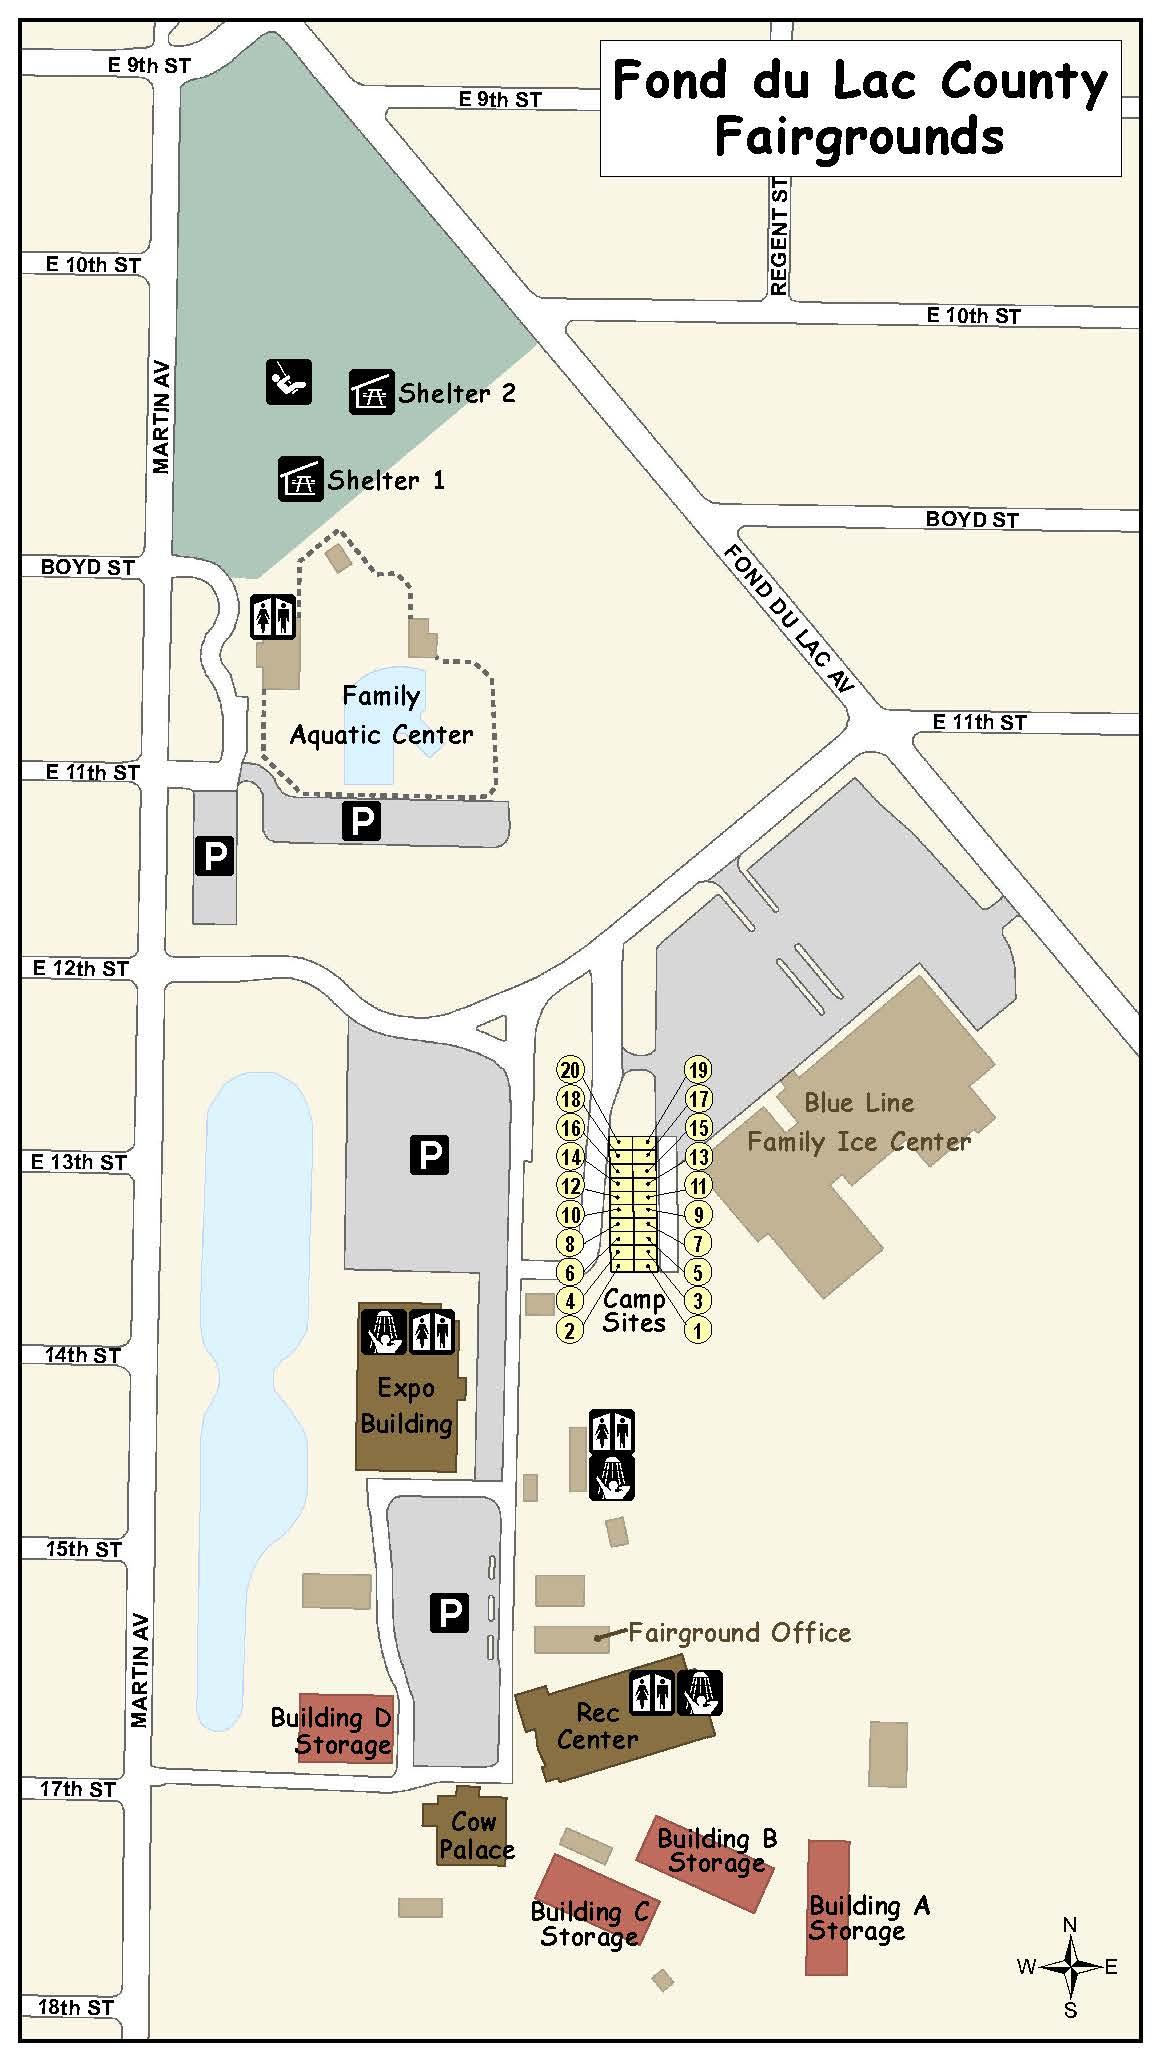 Fond du Lac County Parks Fairgrounds Reservations Fairgrounds